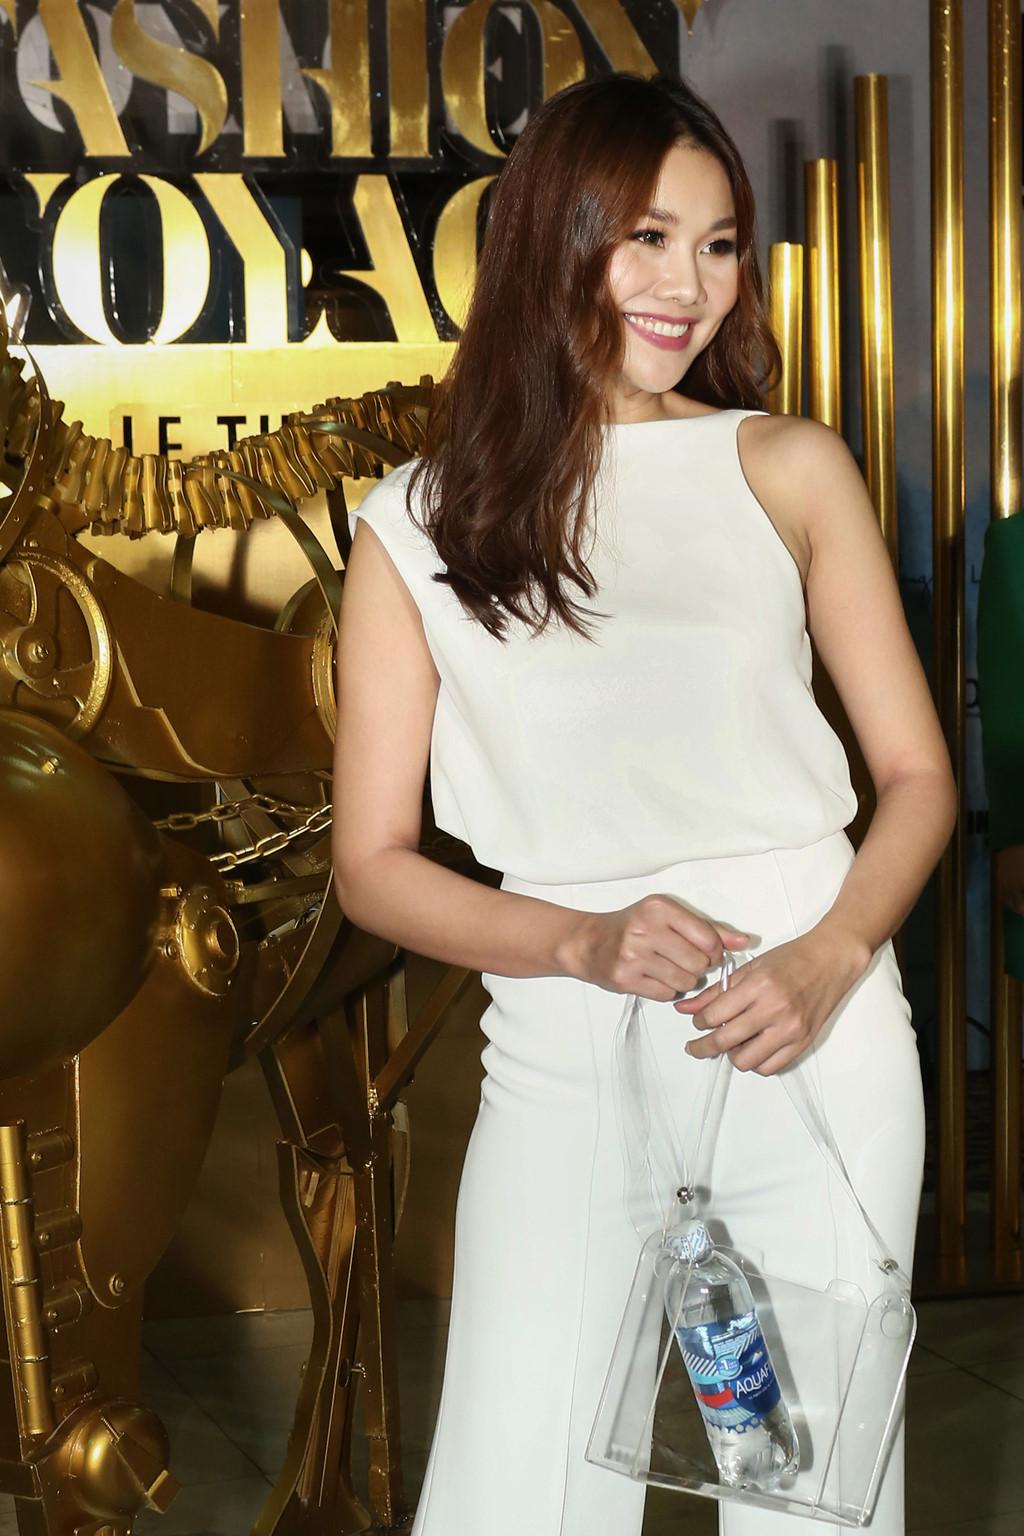 Thanh Hằng xuất hiện với trang phục tối giản nhưng tạo điểm nhấn ấn tượng với phụ kiện túi trong suốt làm nổi bật các item thời trang bên trong.